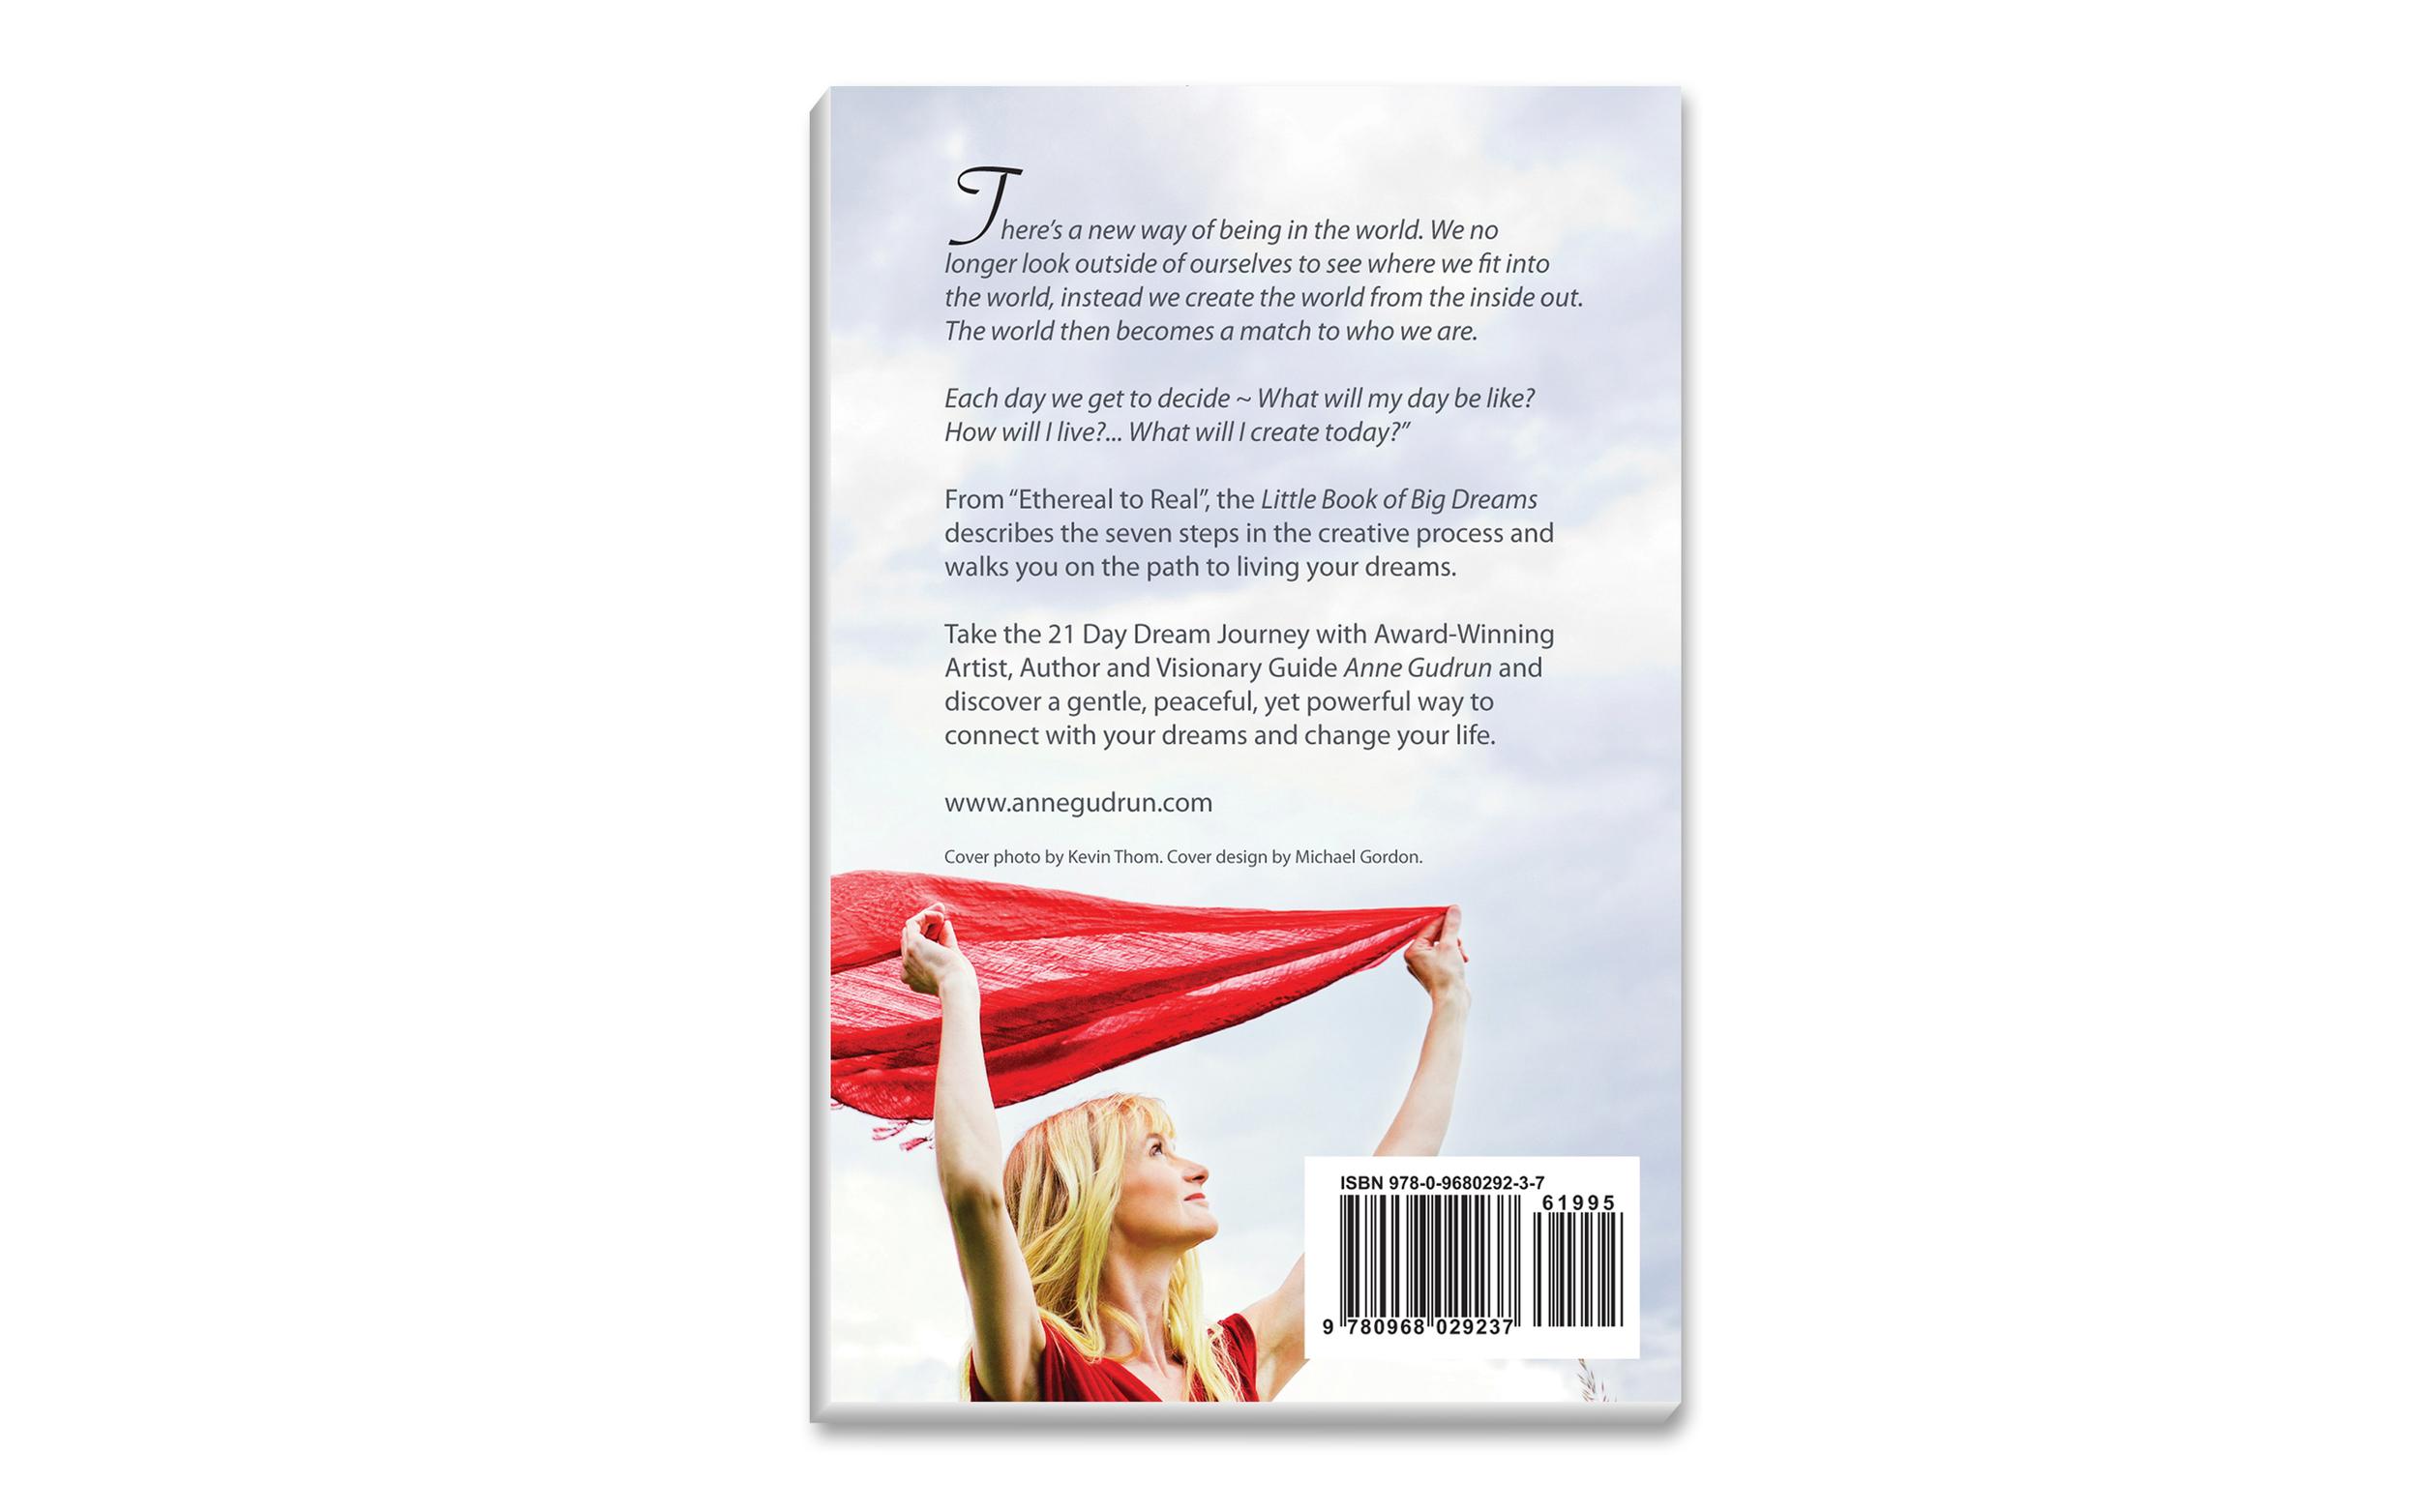 LittleBook-fr-bk-web-cover-back.jpg